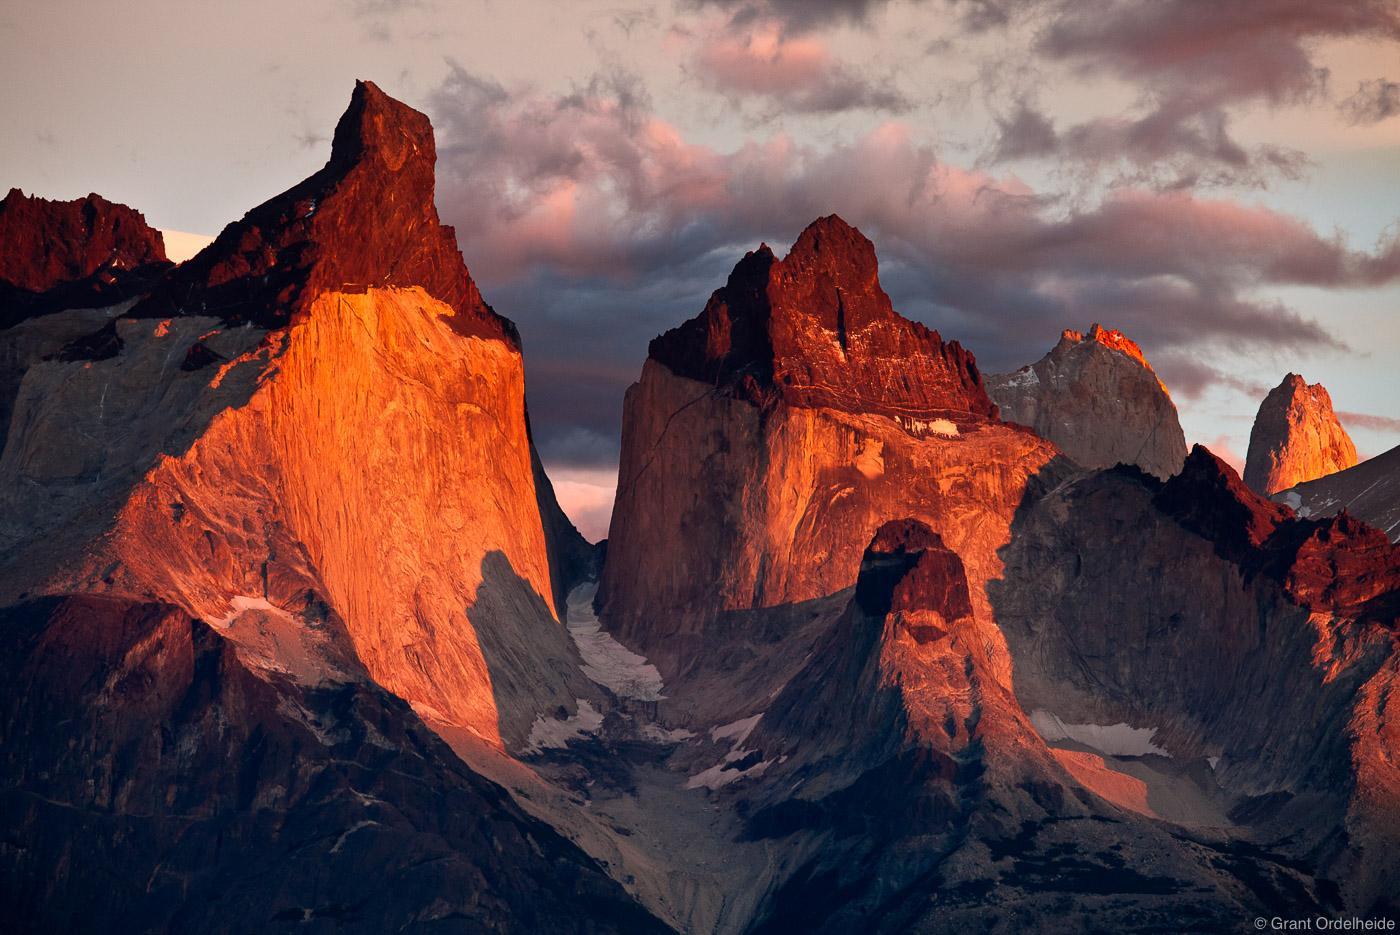 los, cuernos, torres, del, paine, famous, sunrise, national park, photo